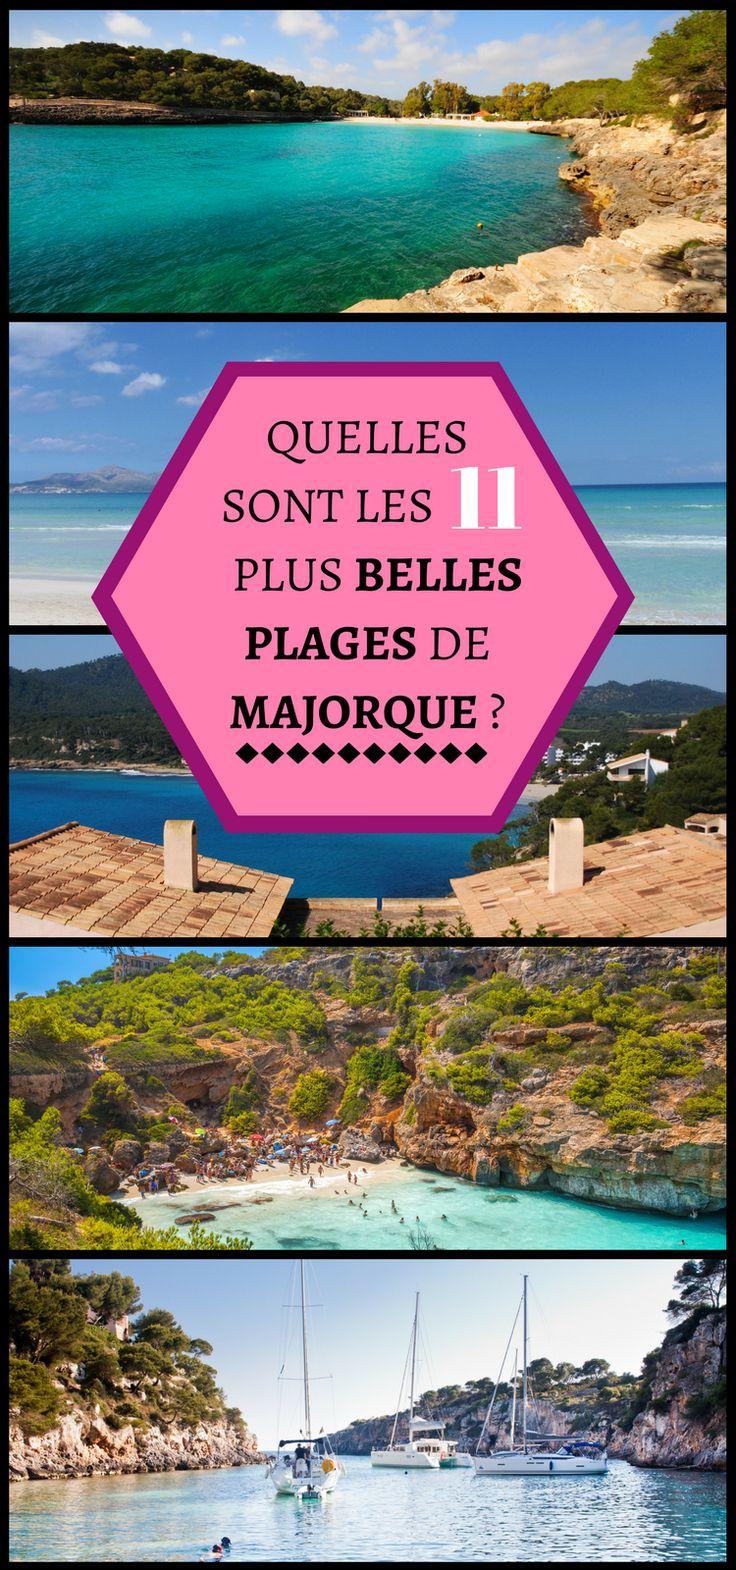 Vous partez à Majorque cet été ? Destination touristique par excellence, Majorque est aussi une île riche en jolies plages. Nous vous offrons la liste de nos 11 plages préférées.#Majorque #Topplages #Espagne #Voyage